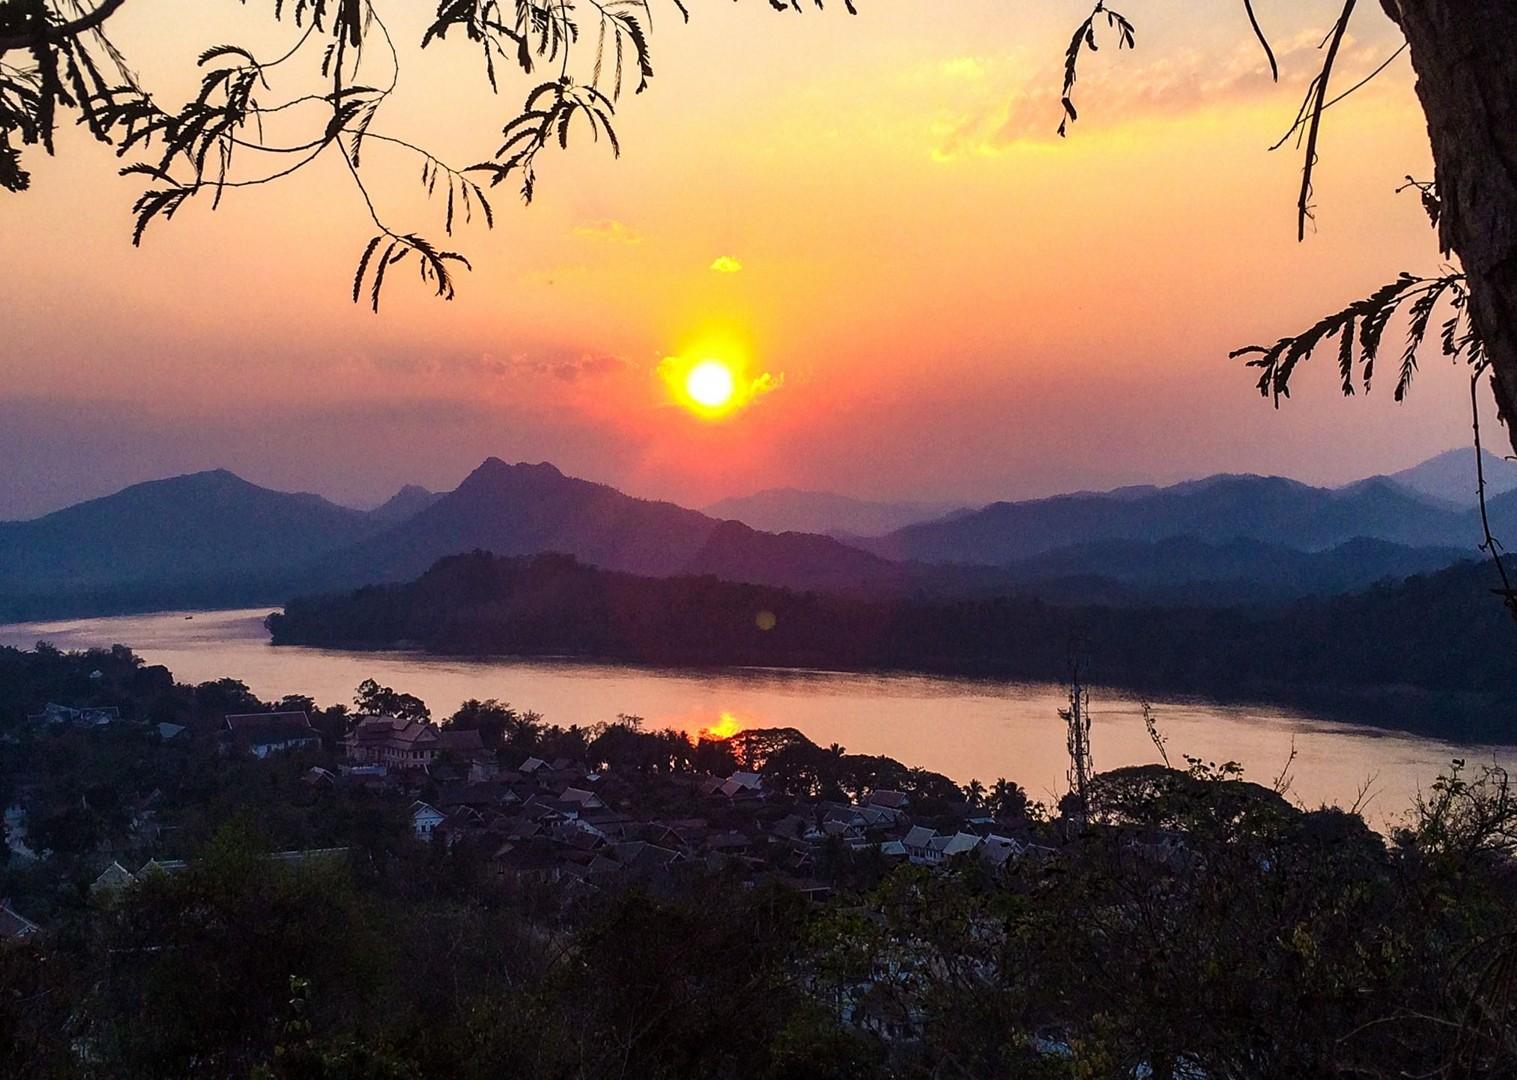 8A0F5790-1F49-41A5-A381-9D5AA70CEEBC.jpg - Laos - Hidden Treasures - Cycling Adventures